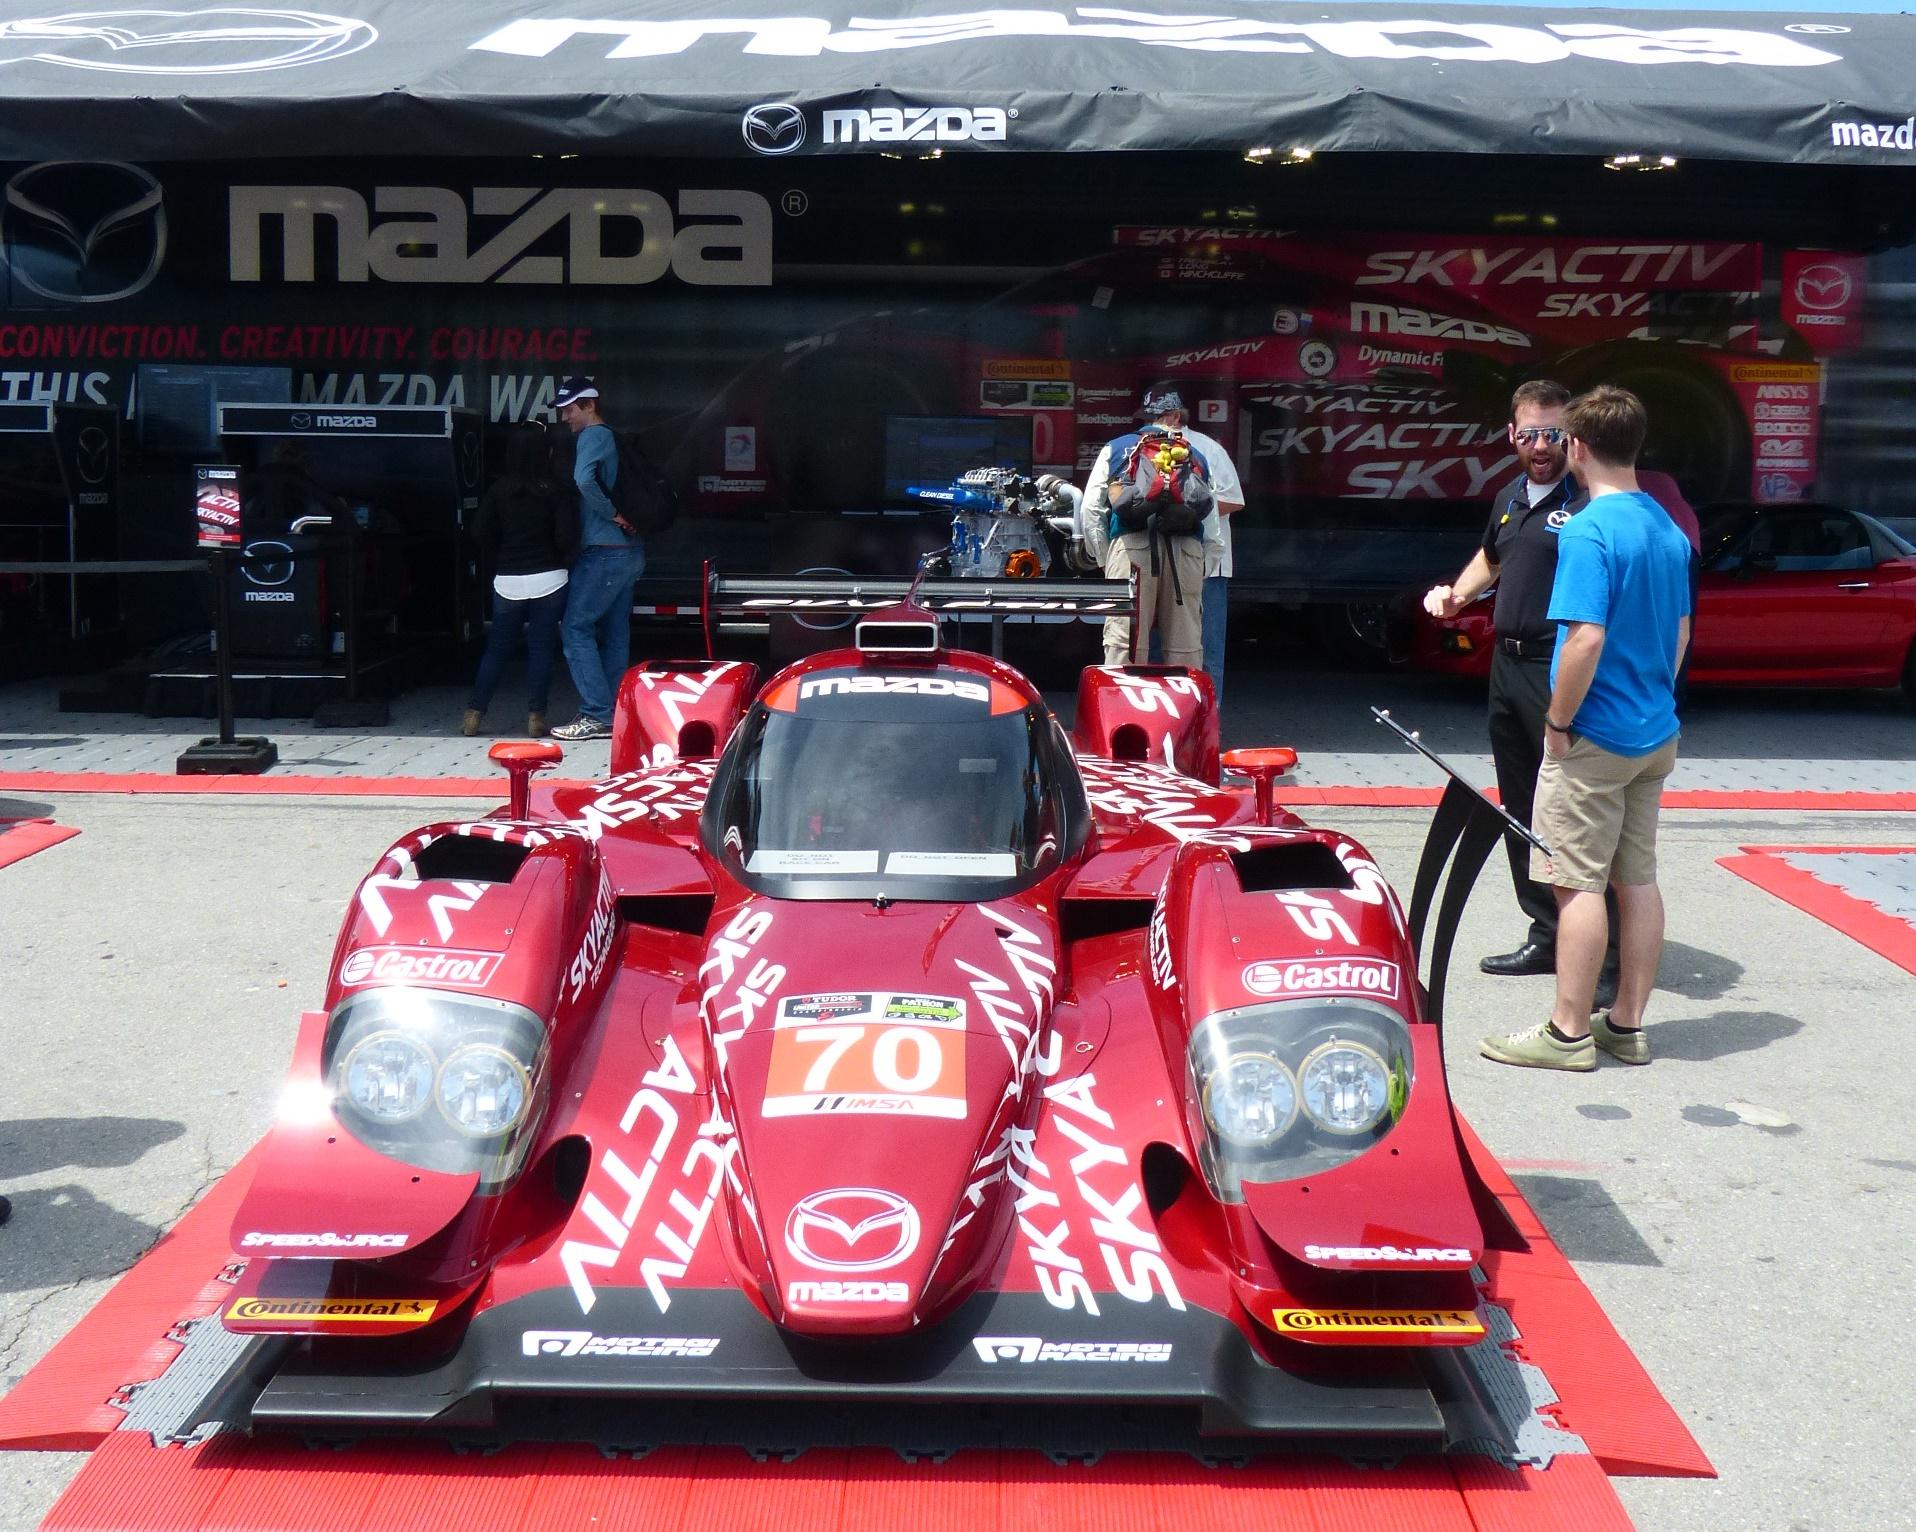 Mazda SkyActiv Prototype program showing innovation and gaining speed